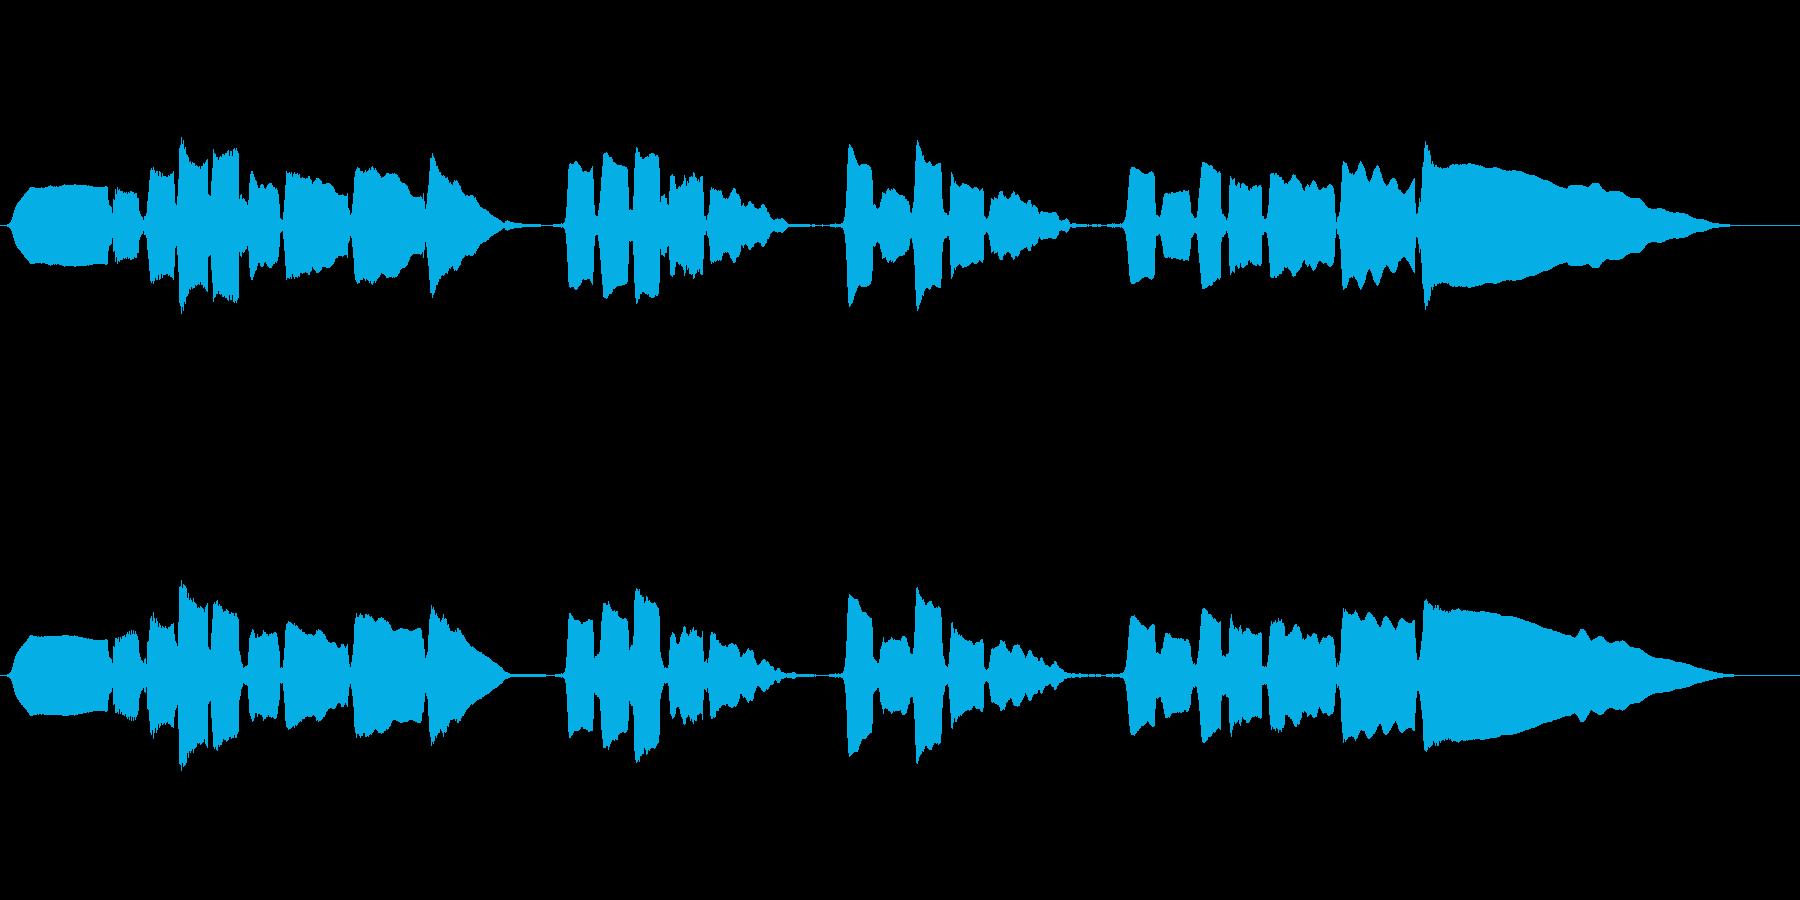 サックスのソロ演奏 切ない系の再生済みの波形